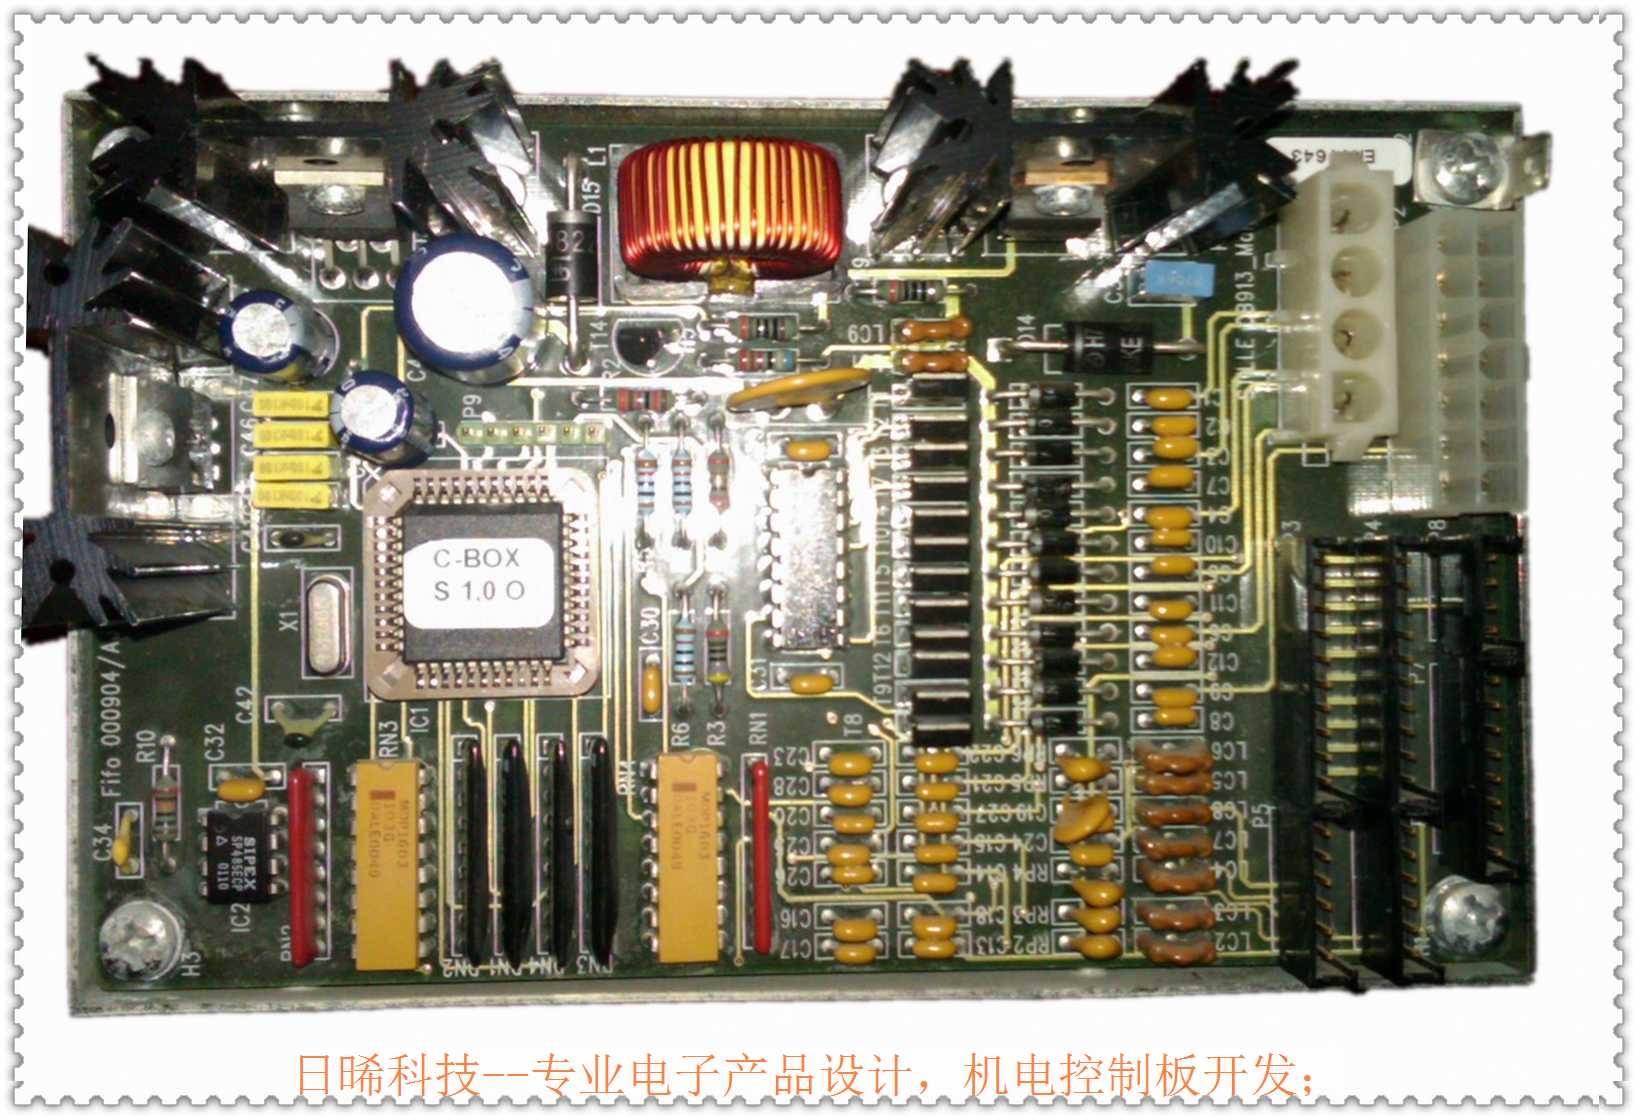 步进电机控制板,异步电机,同步电机,伺服电机控制板,管状电机控制板开